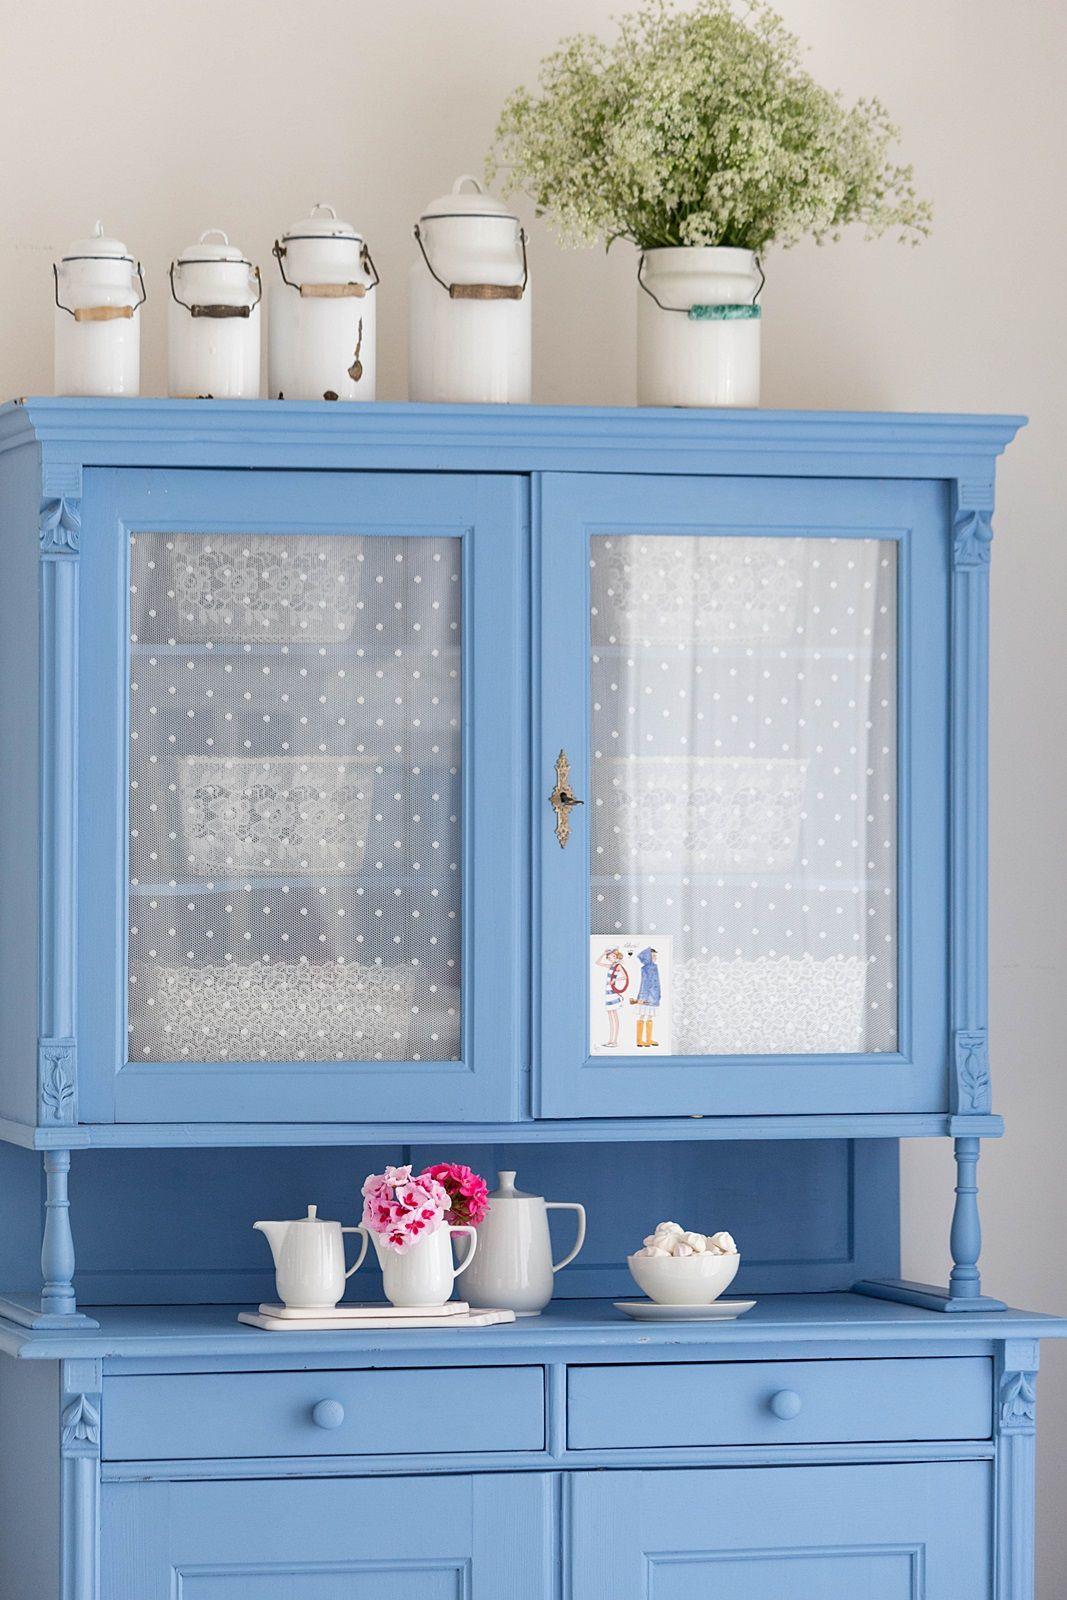 Vintage Küchenschrank in Shabby Blue | kreative Ideen für zu Hause ...